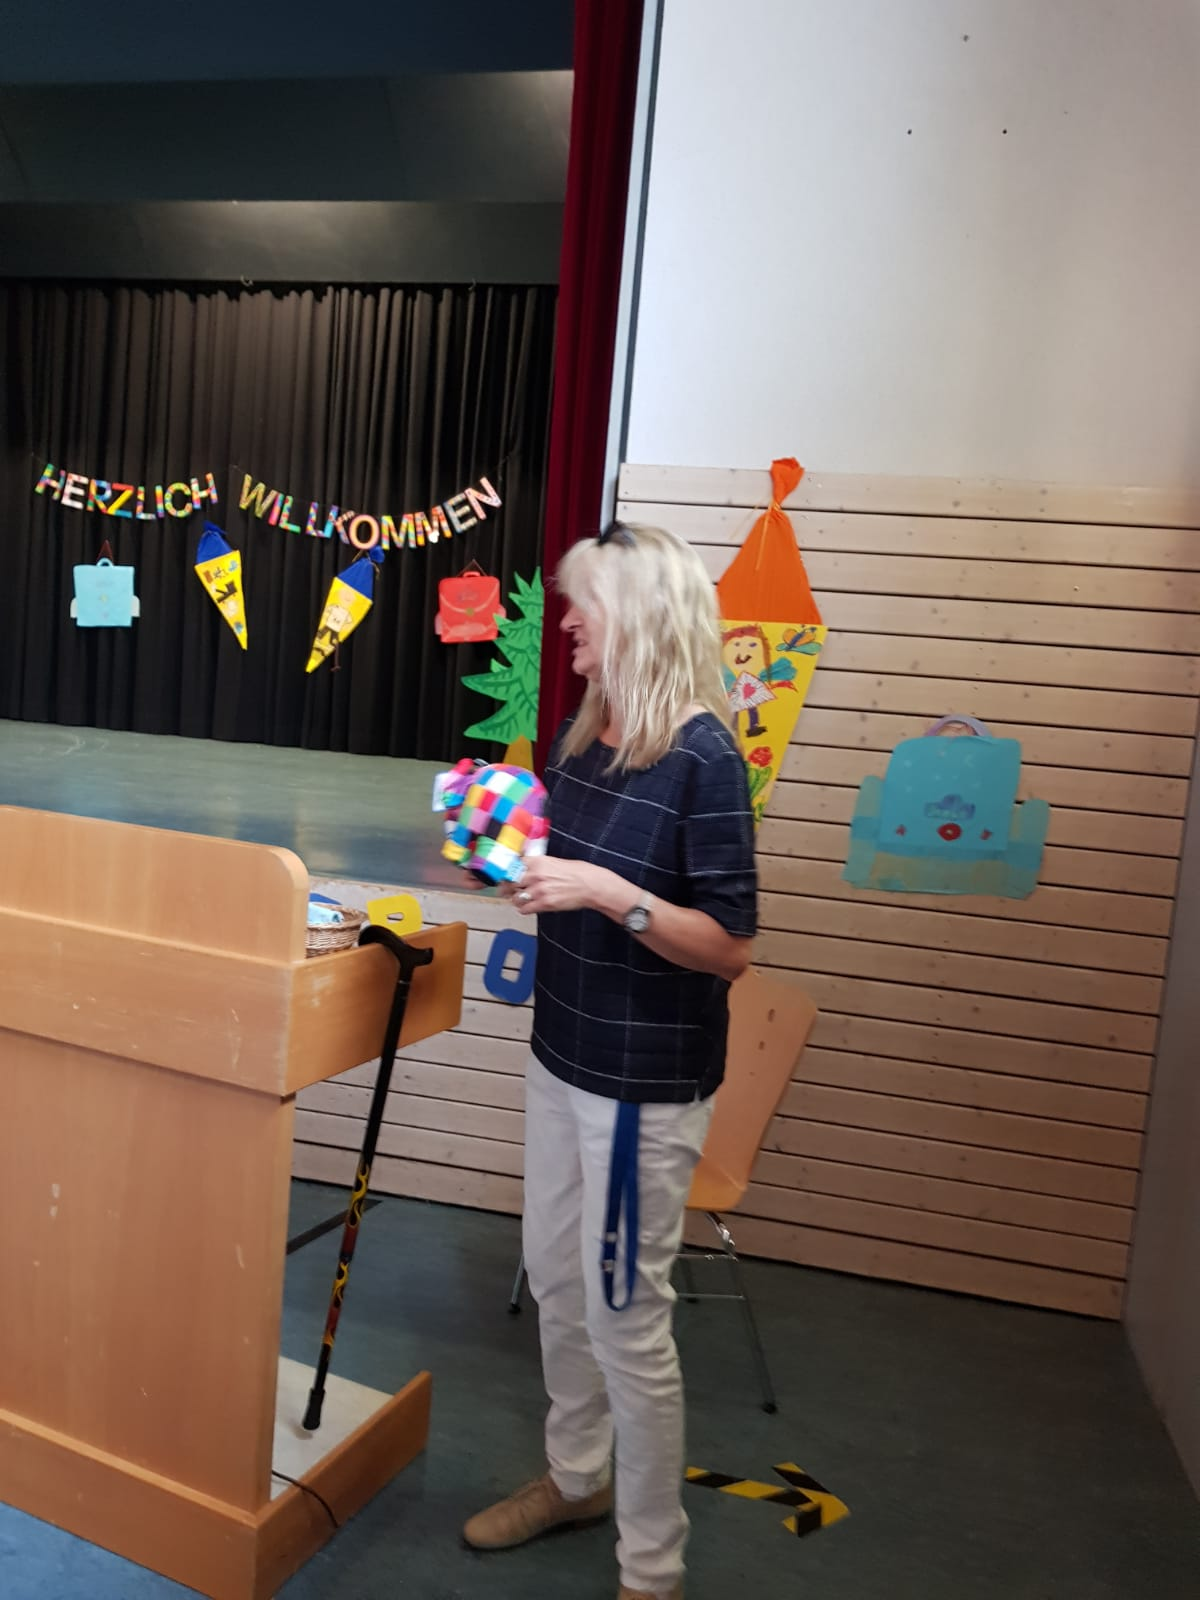 Begrüßung durch Frau Witzemann